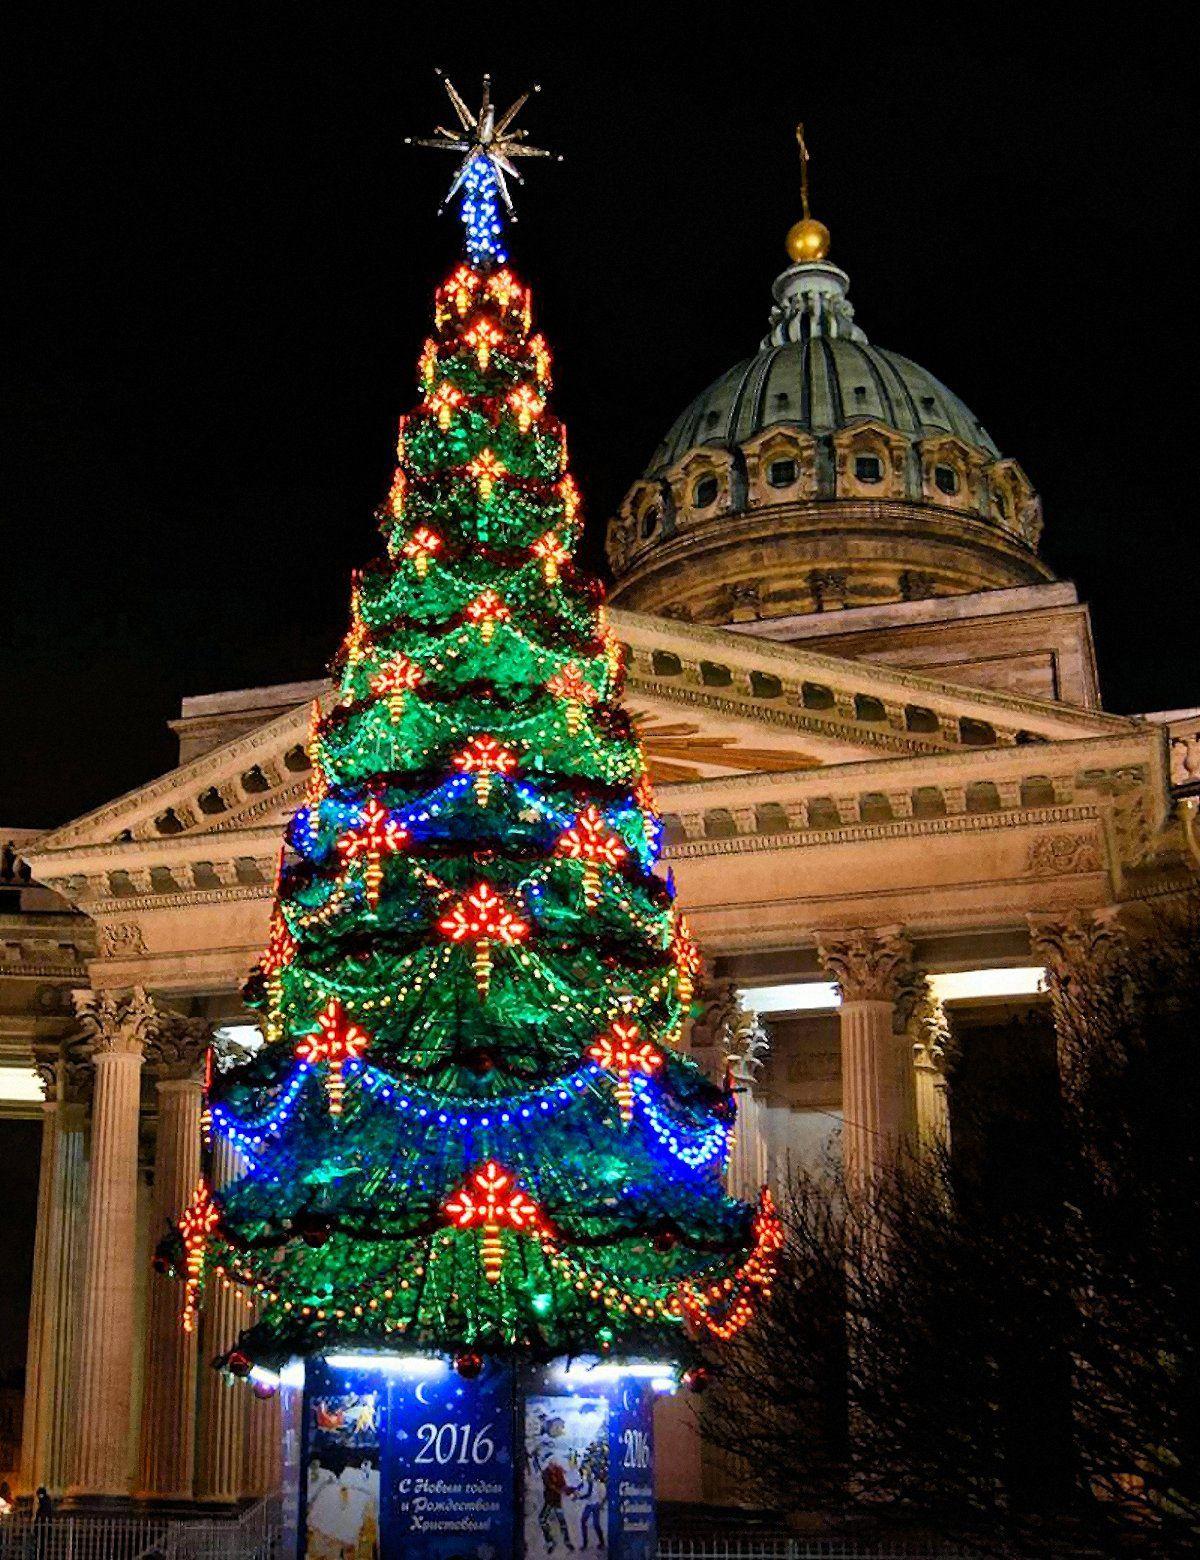 Navidad San Petersburgo Christmas Tree Tree Christmas